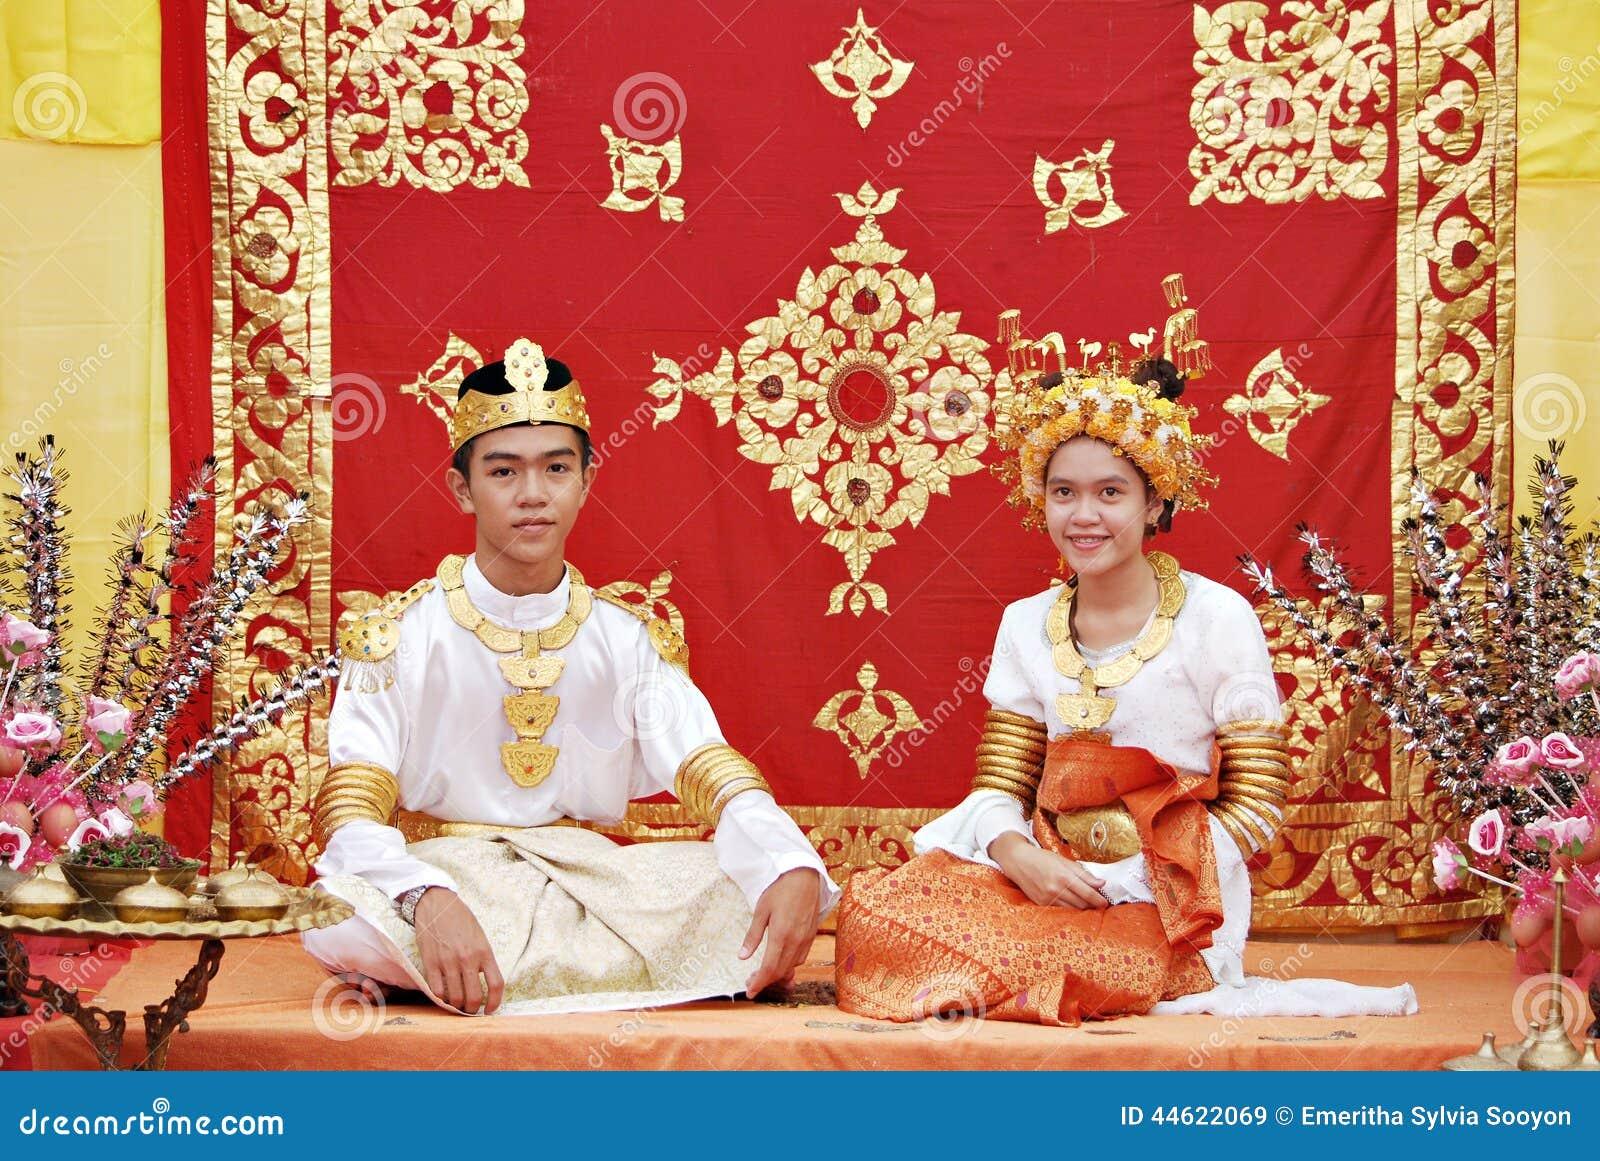 Enjoy watching beautiful of asian women traditional hot